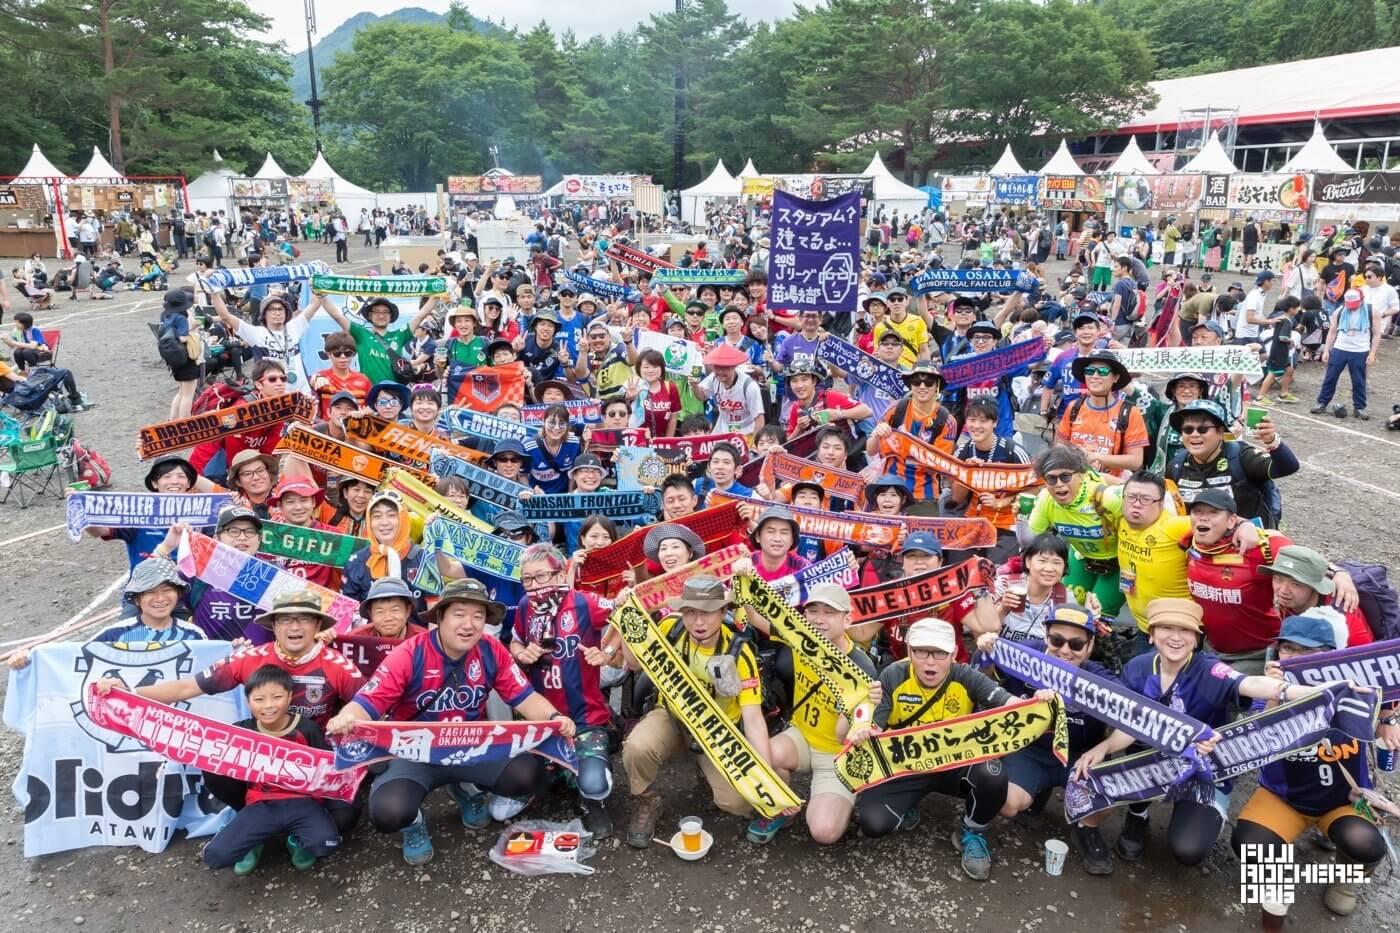 Jリーグ苗場支部 今年も開催!